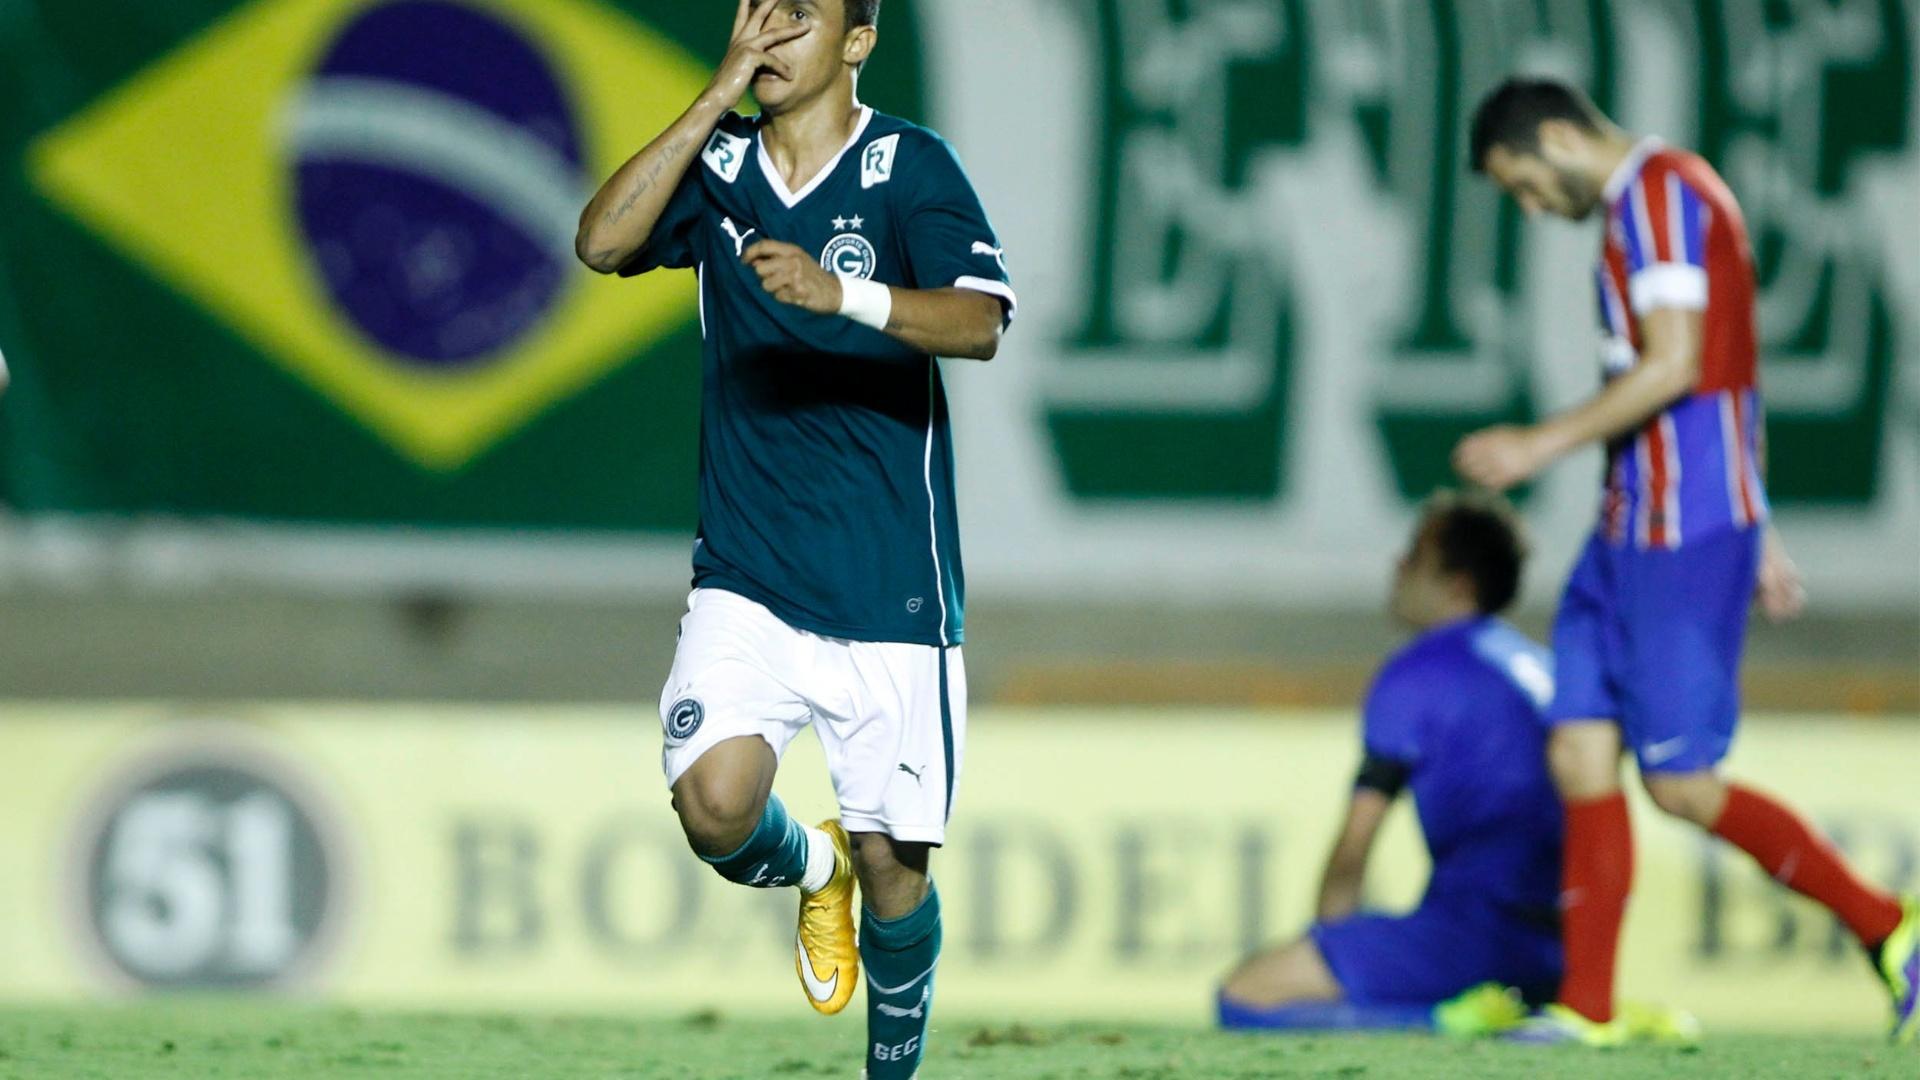 Erik comemora um dos gols da vitória do Goiás sobre o Bahia